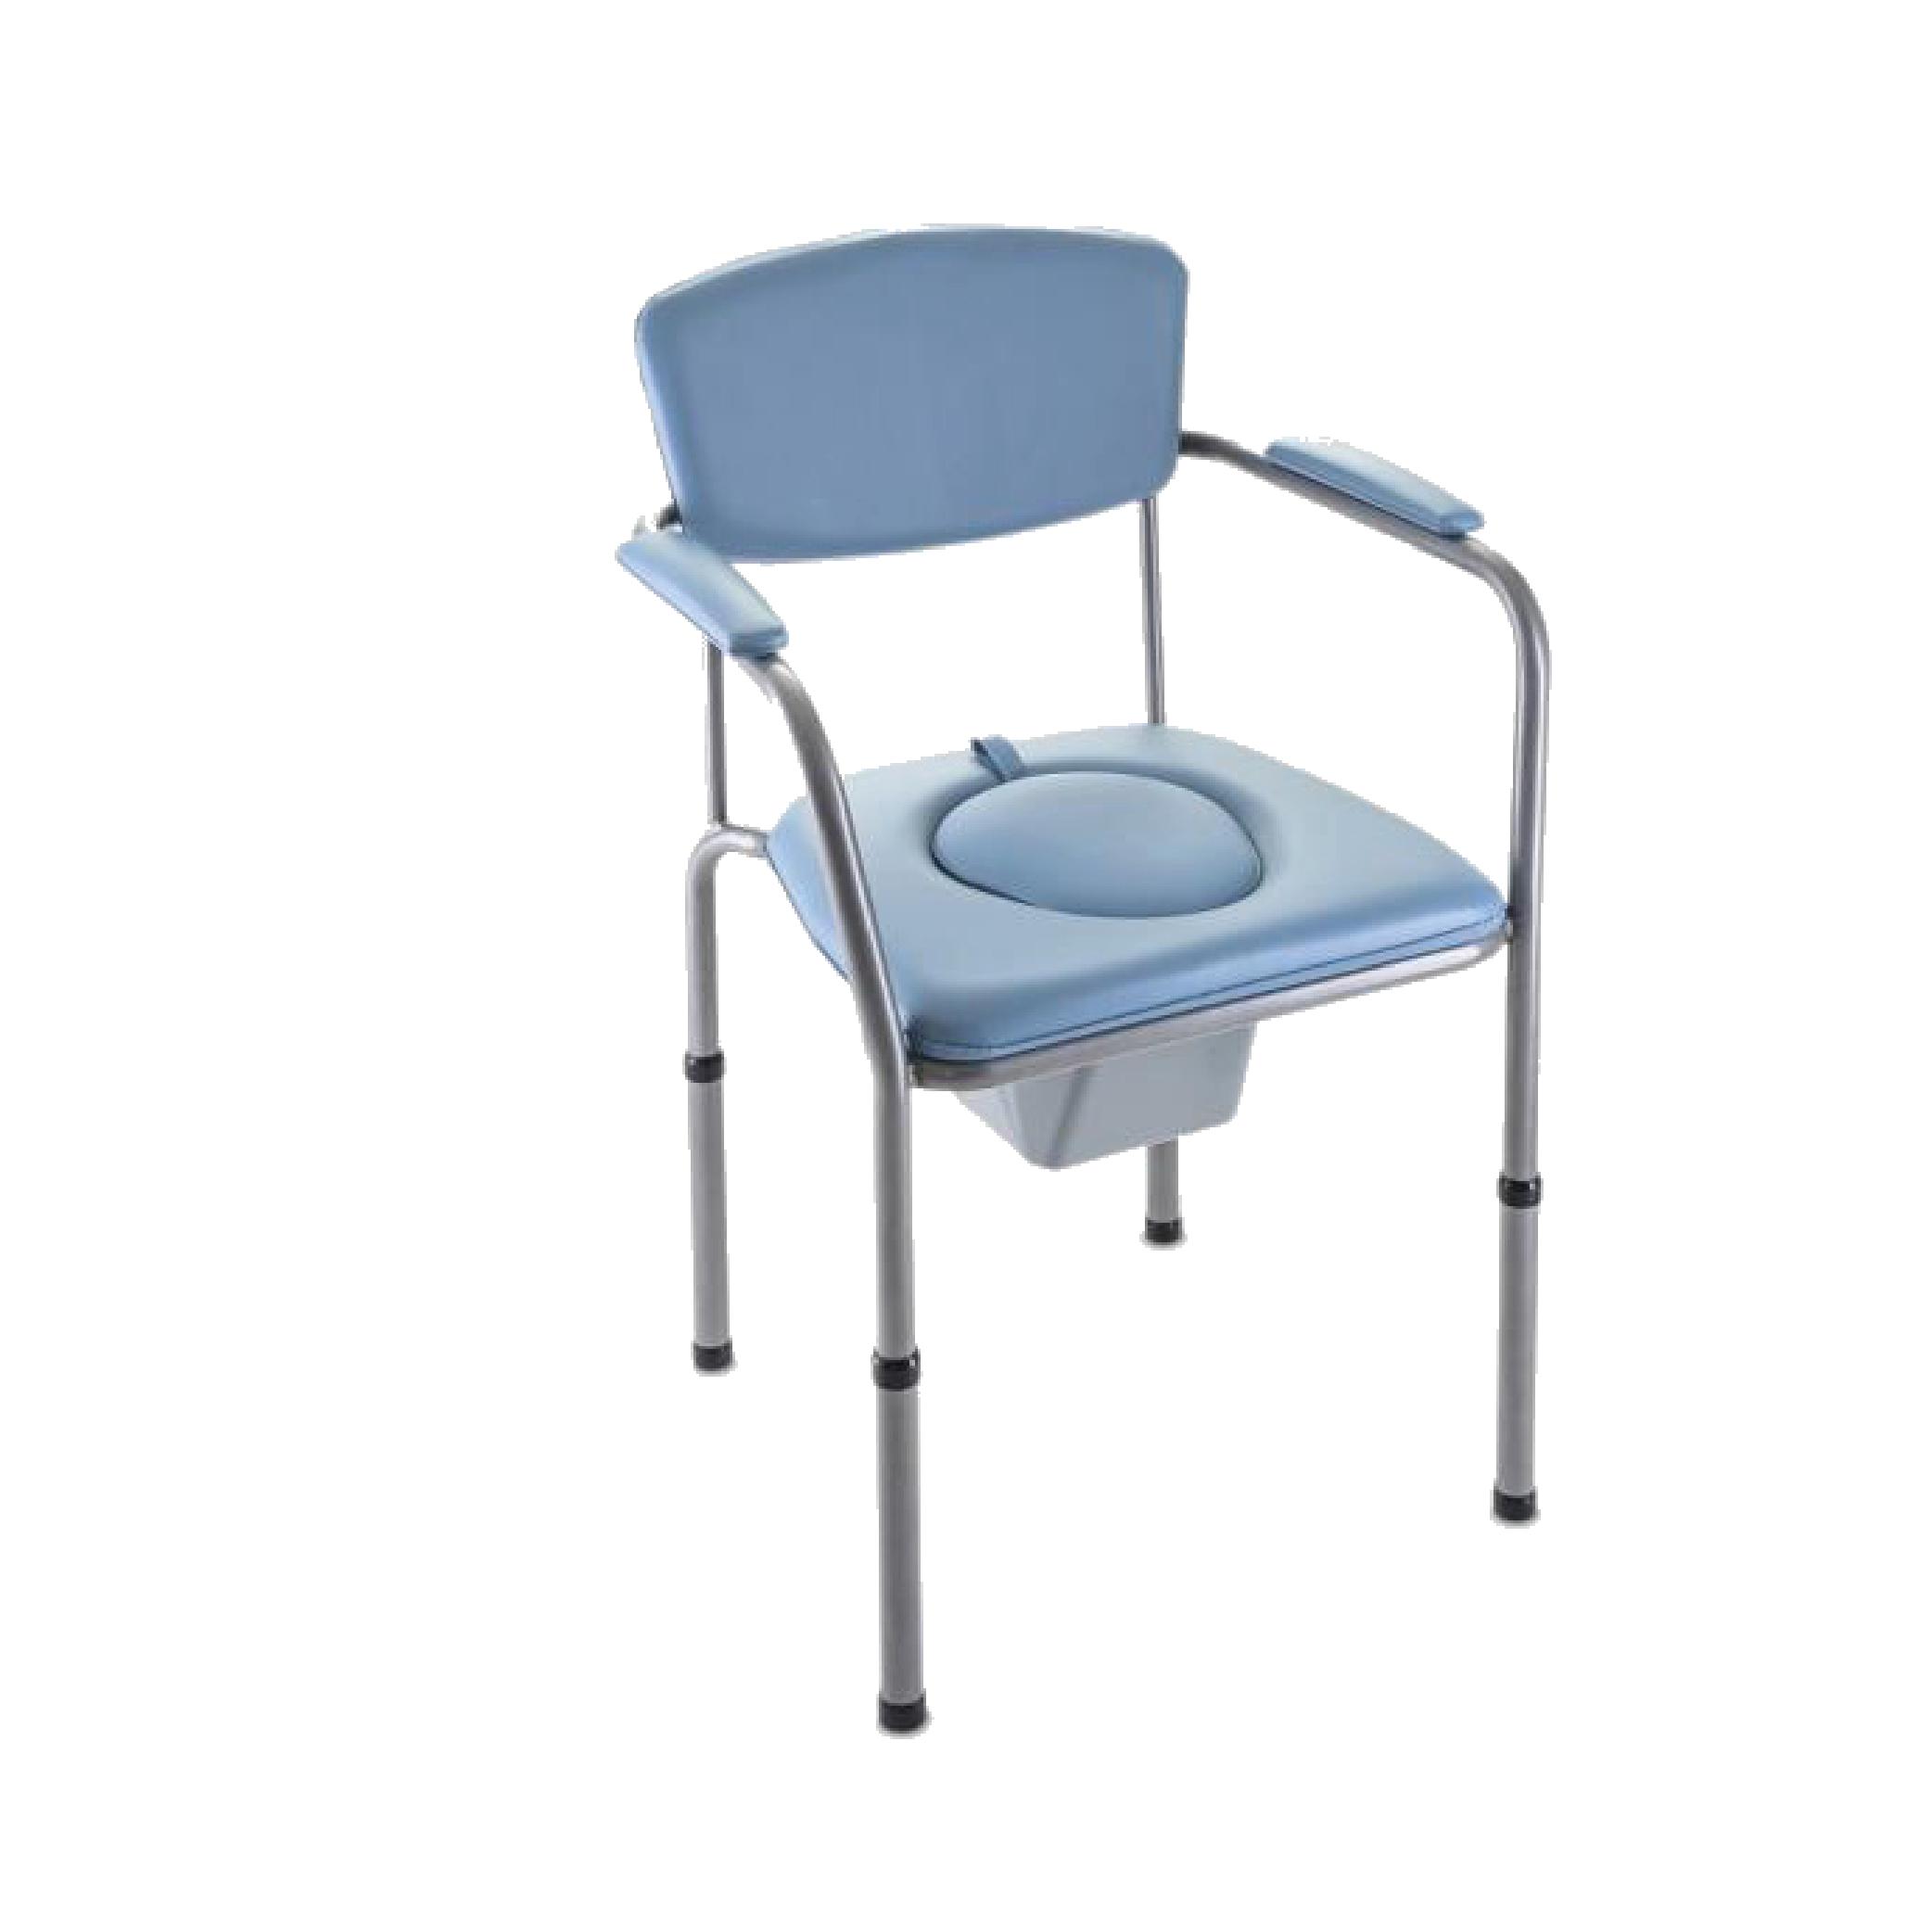 Chaises de toilette